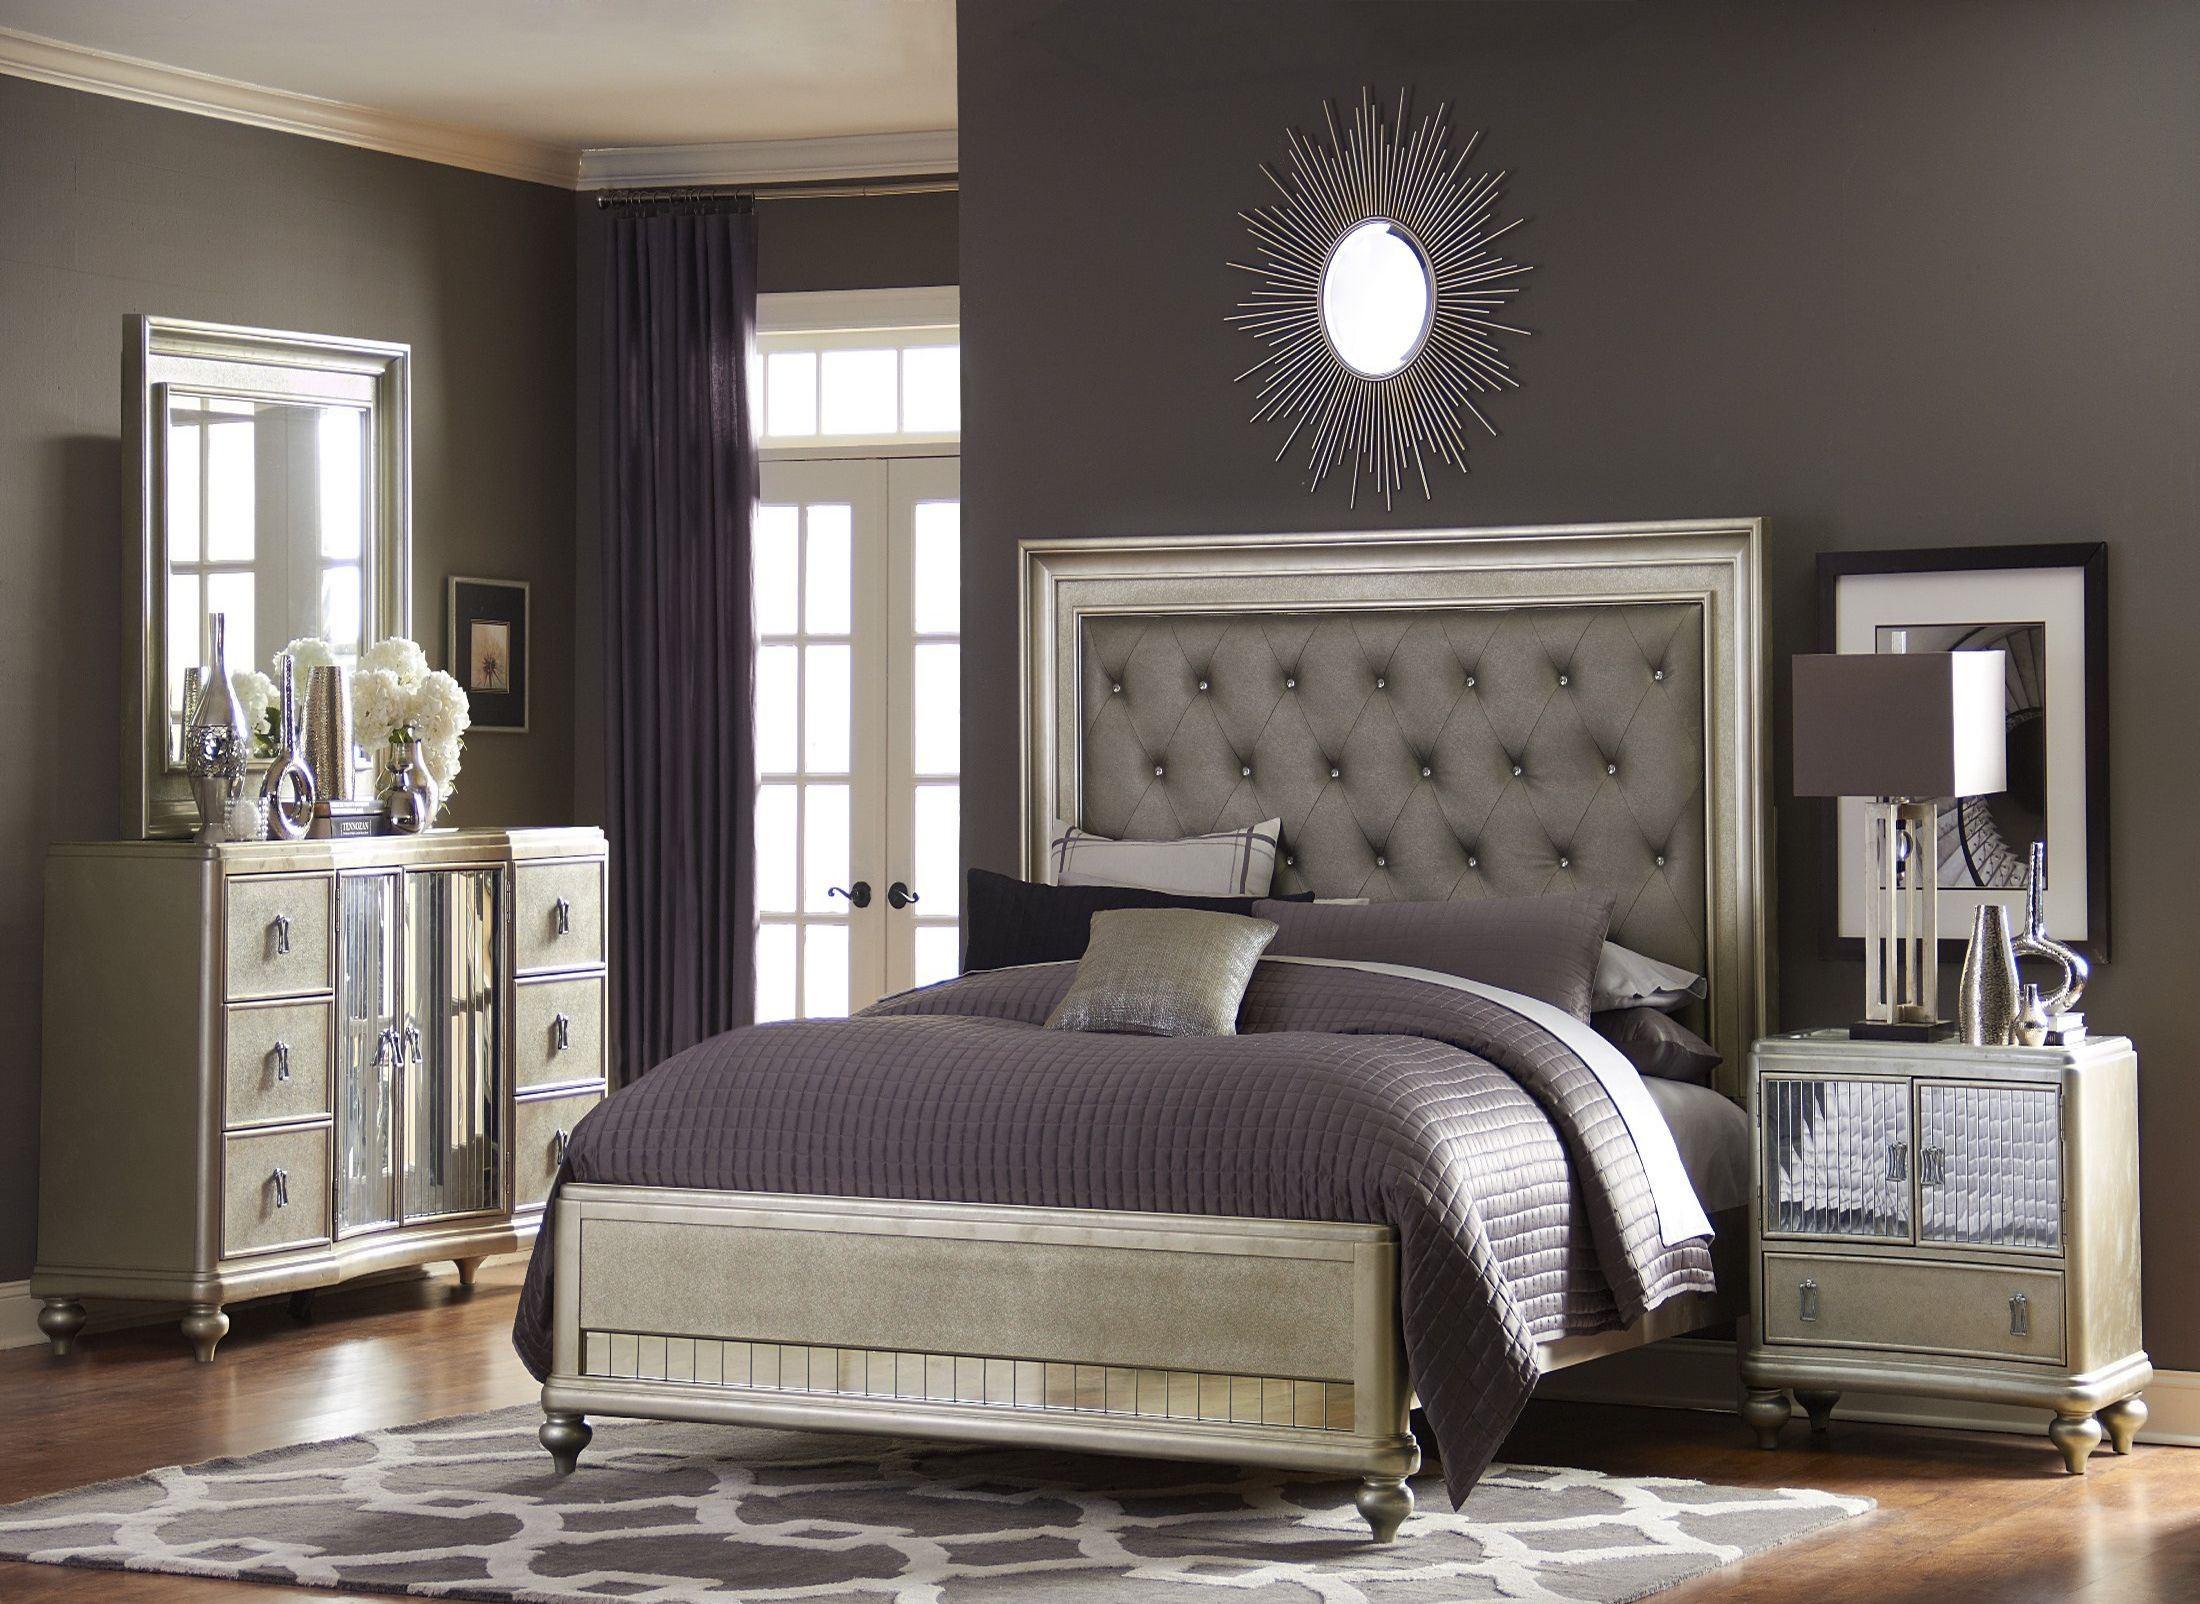 Platinum platform bedroom set from samuel lawrence 8710 for Platform bedroom sets